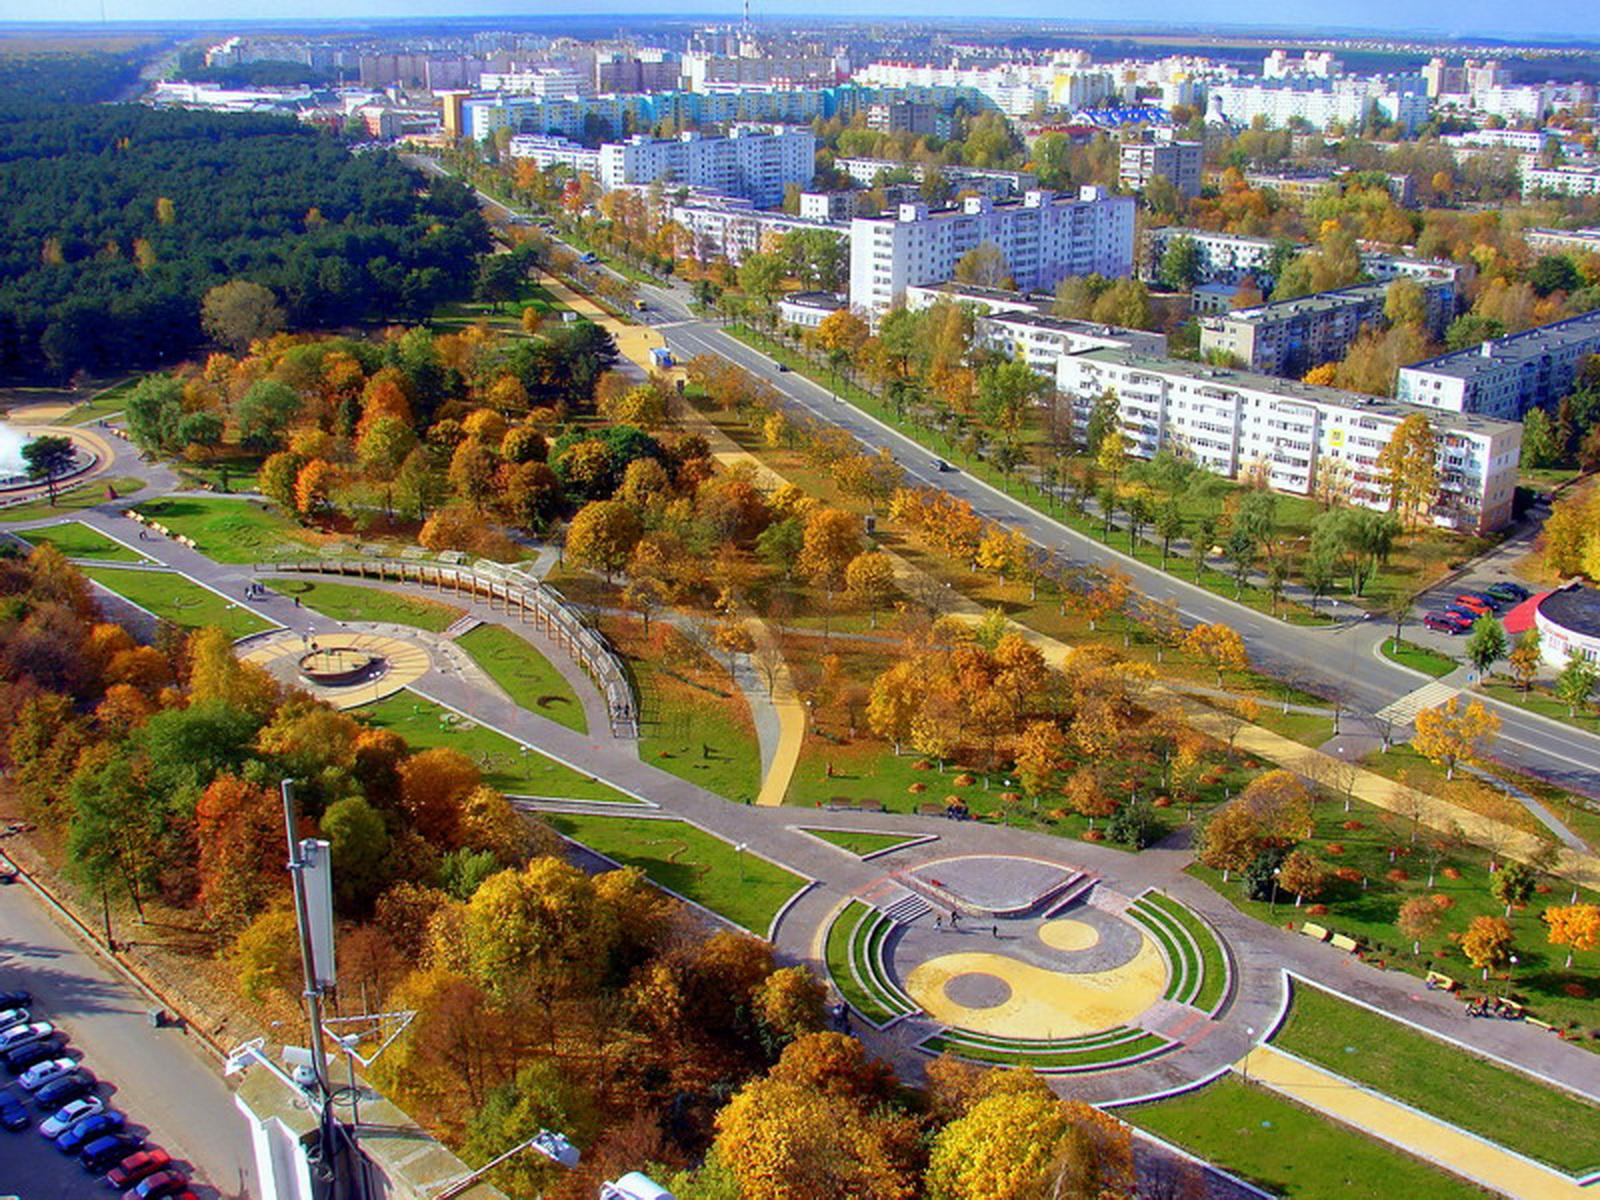 شهر سالیهورسک بلاروس